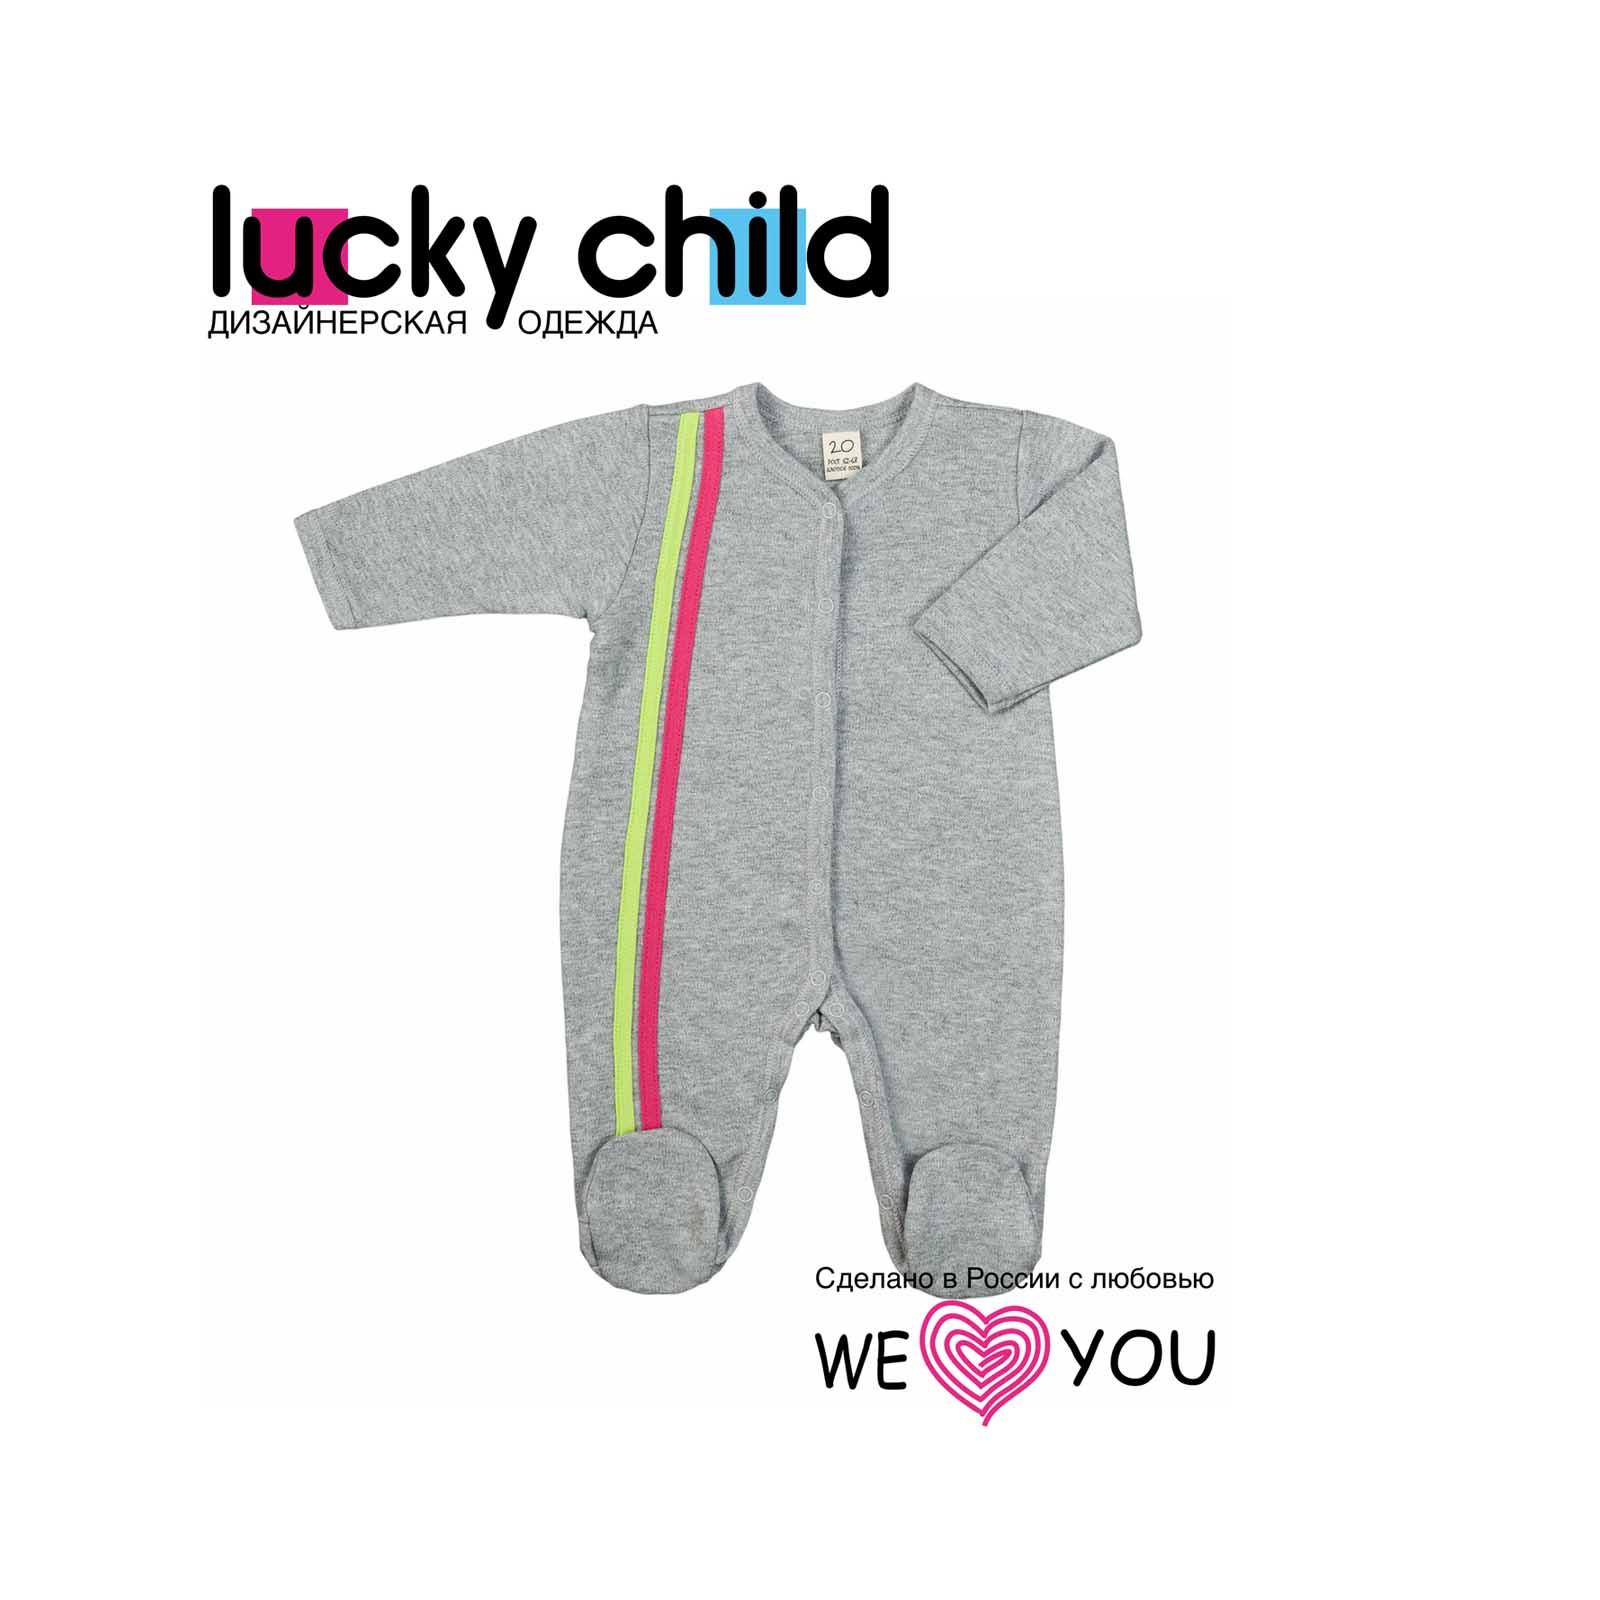 Комбинезон Lucky Child коллекция Спортивная линия, для девочки размер 62<br>